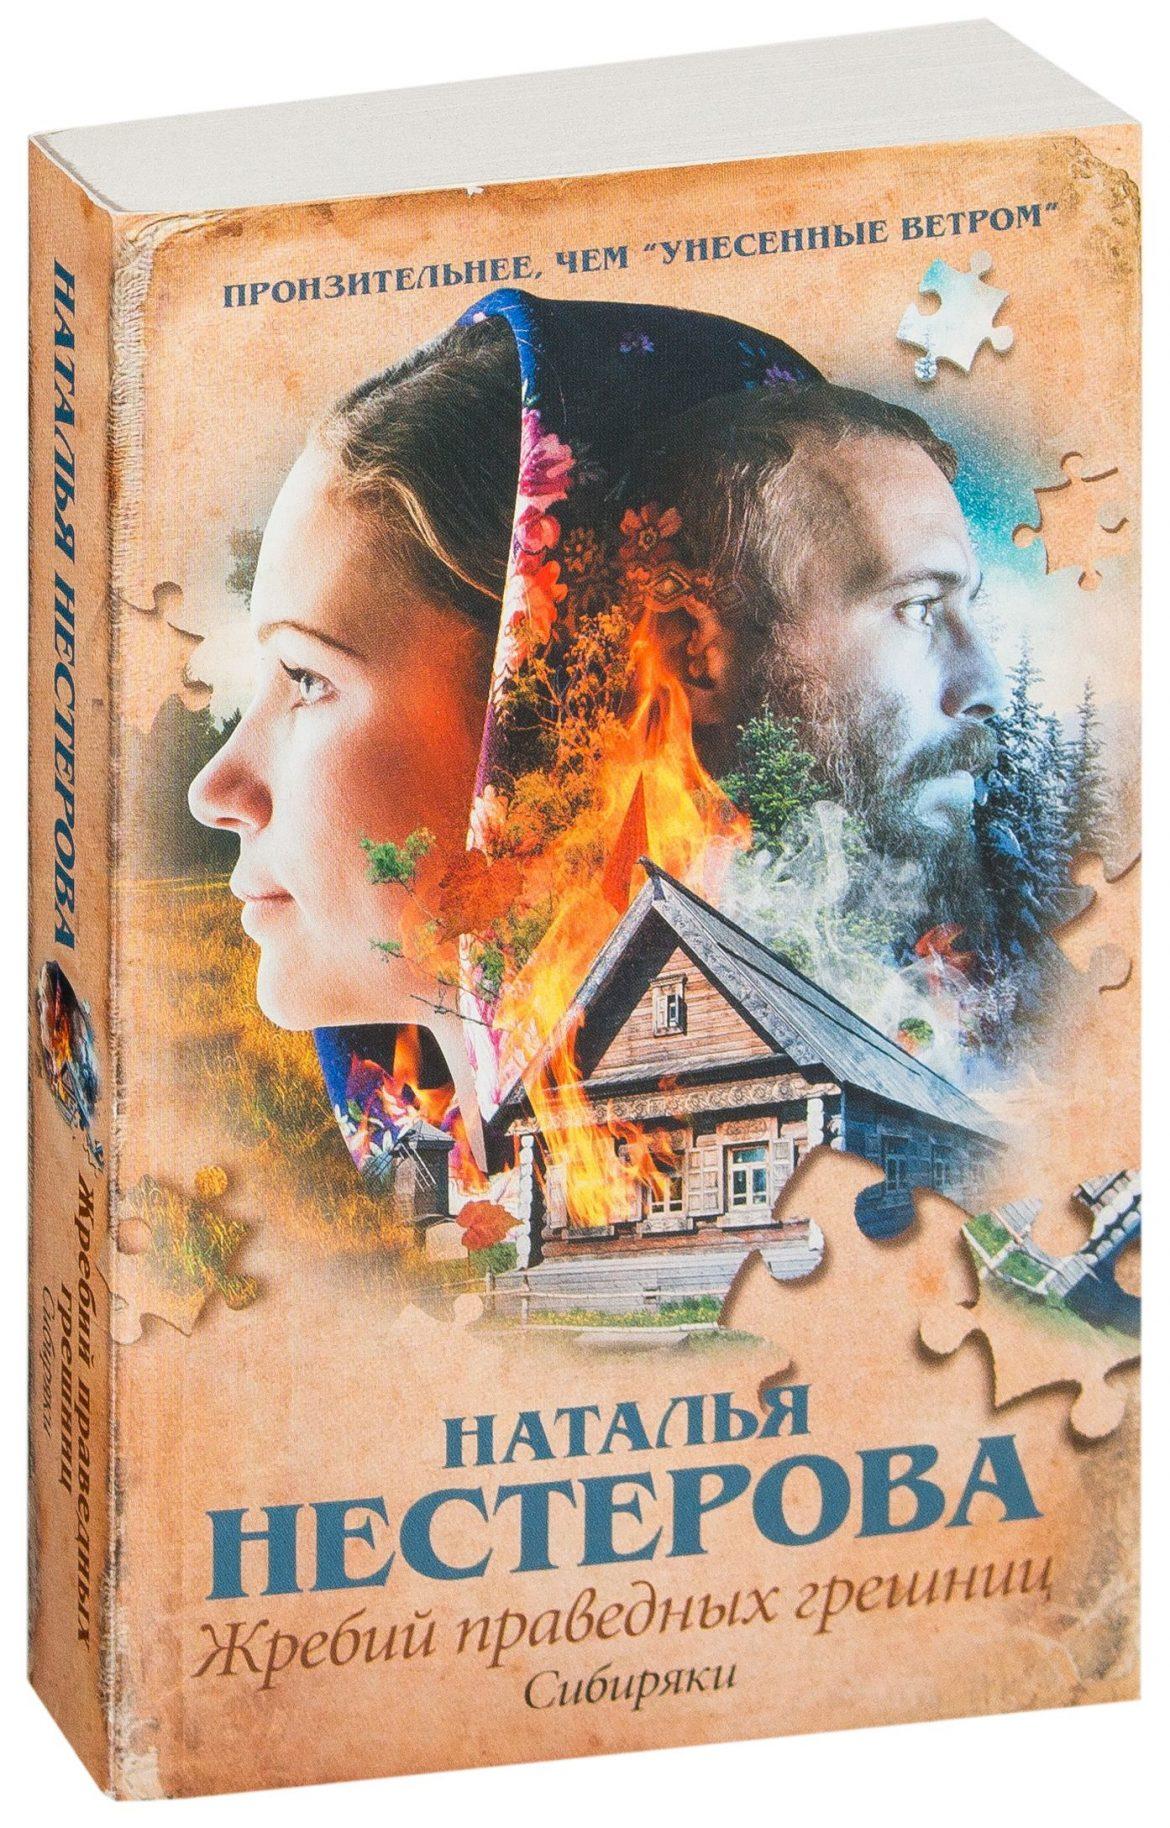 Жребий праведных грешниц. Сибиряки — Наталья Нестерова